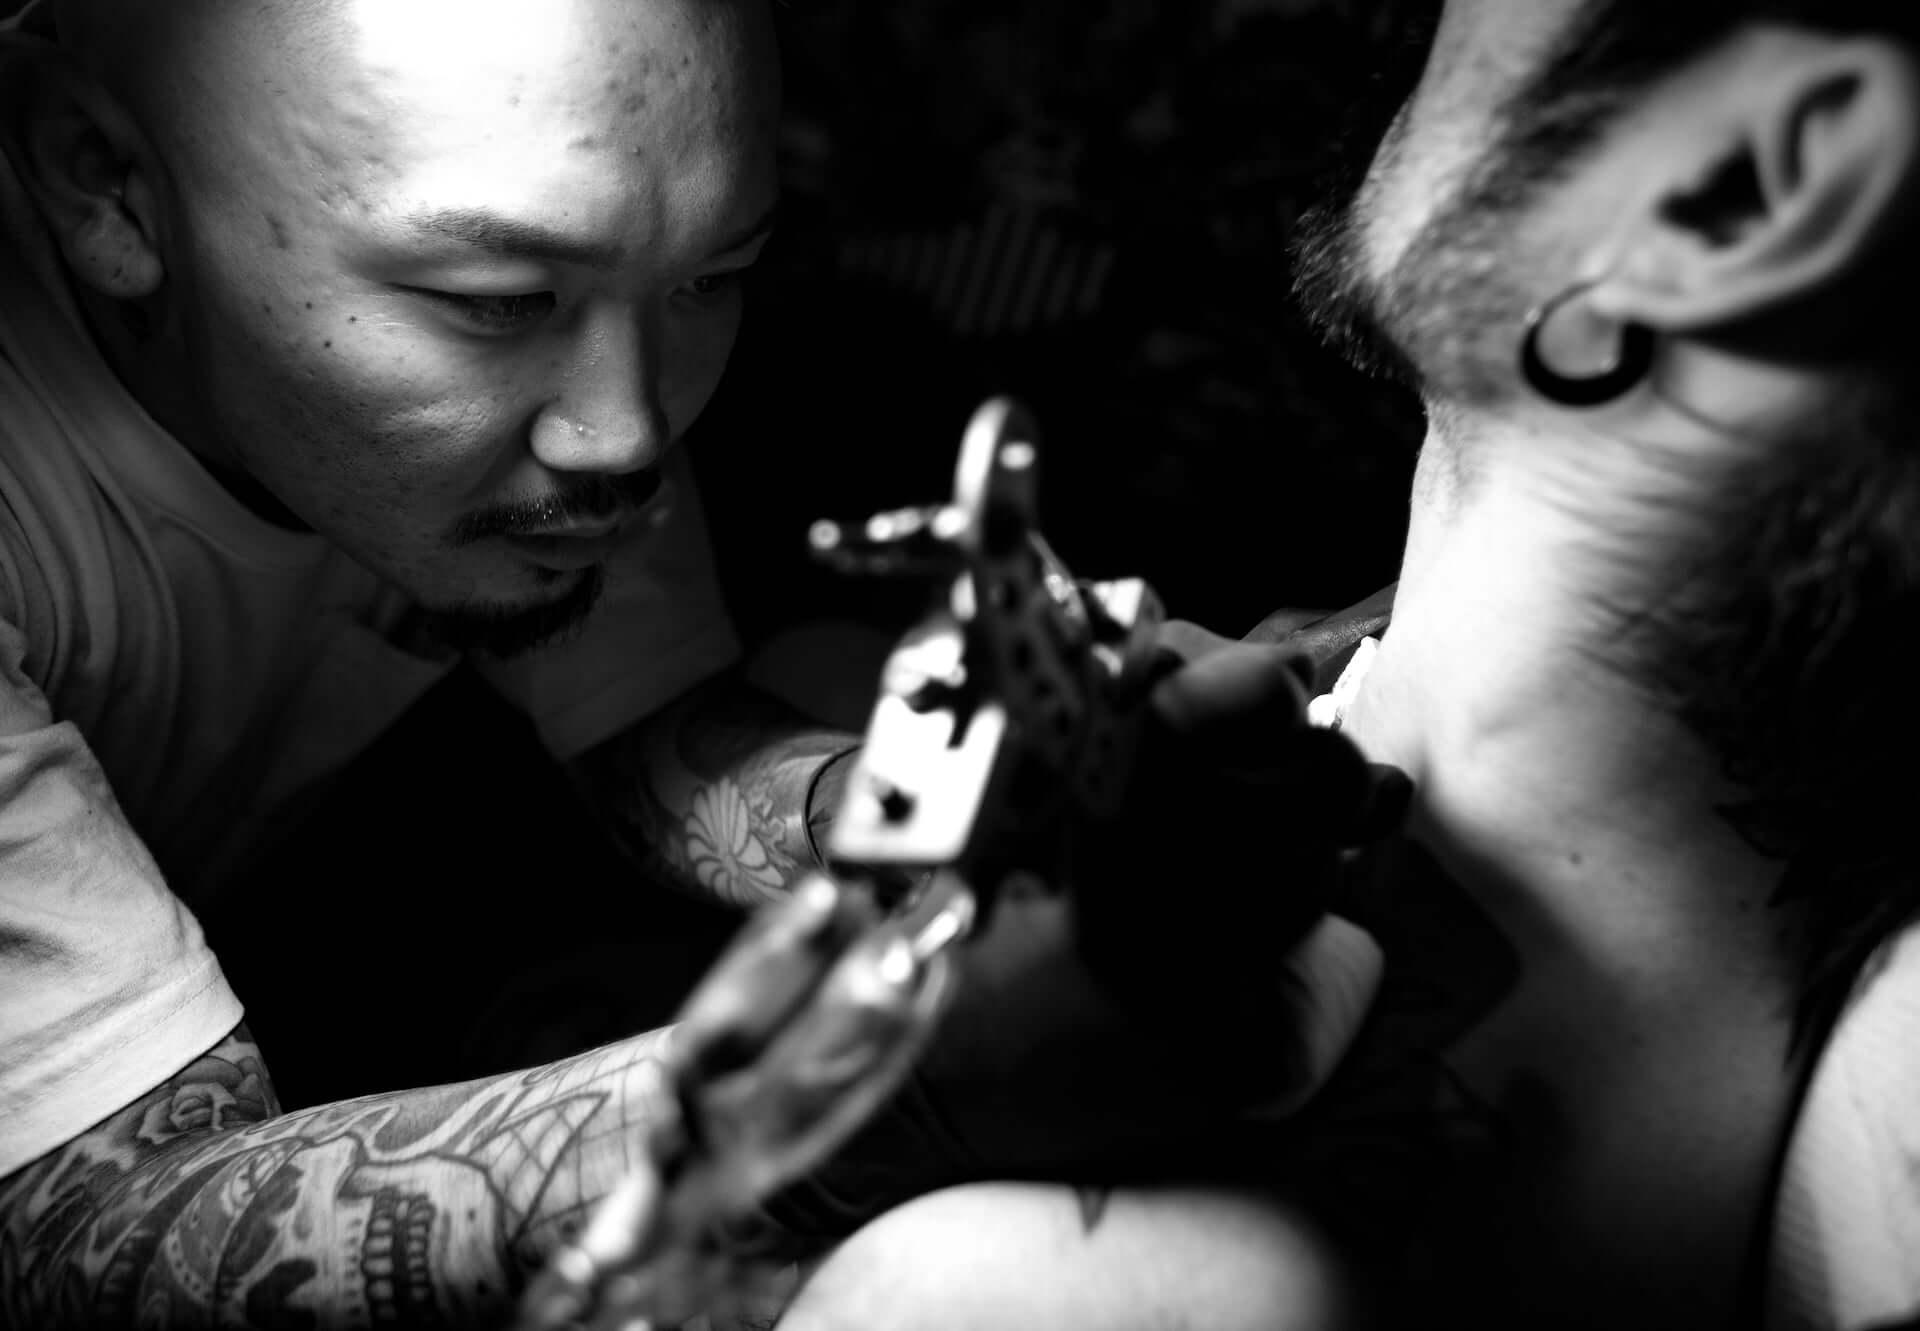 今宵、渋谷が沖縄に染まる!Daia『MIND OF LEGEND』ツアーファイナル×<YUNTAKU PARLOR>3周年合同開催 music190629yunpara_7-1920x1331